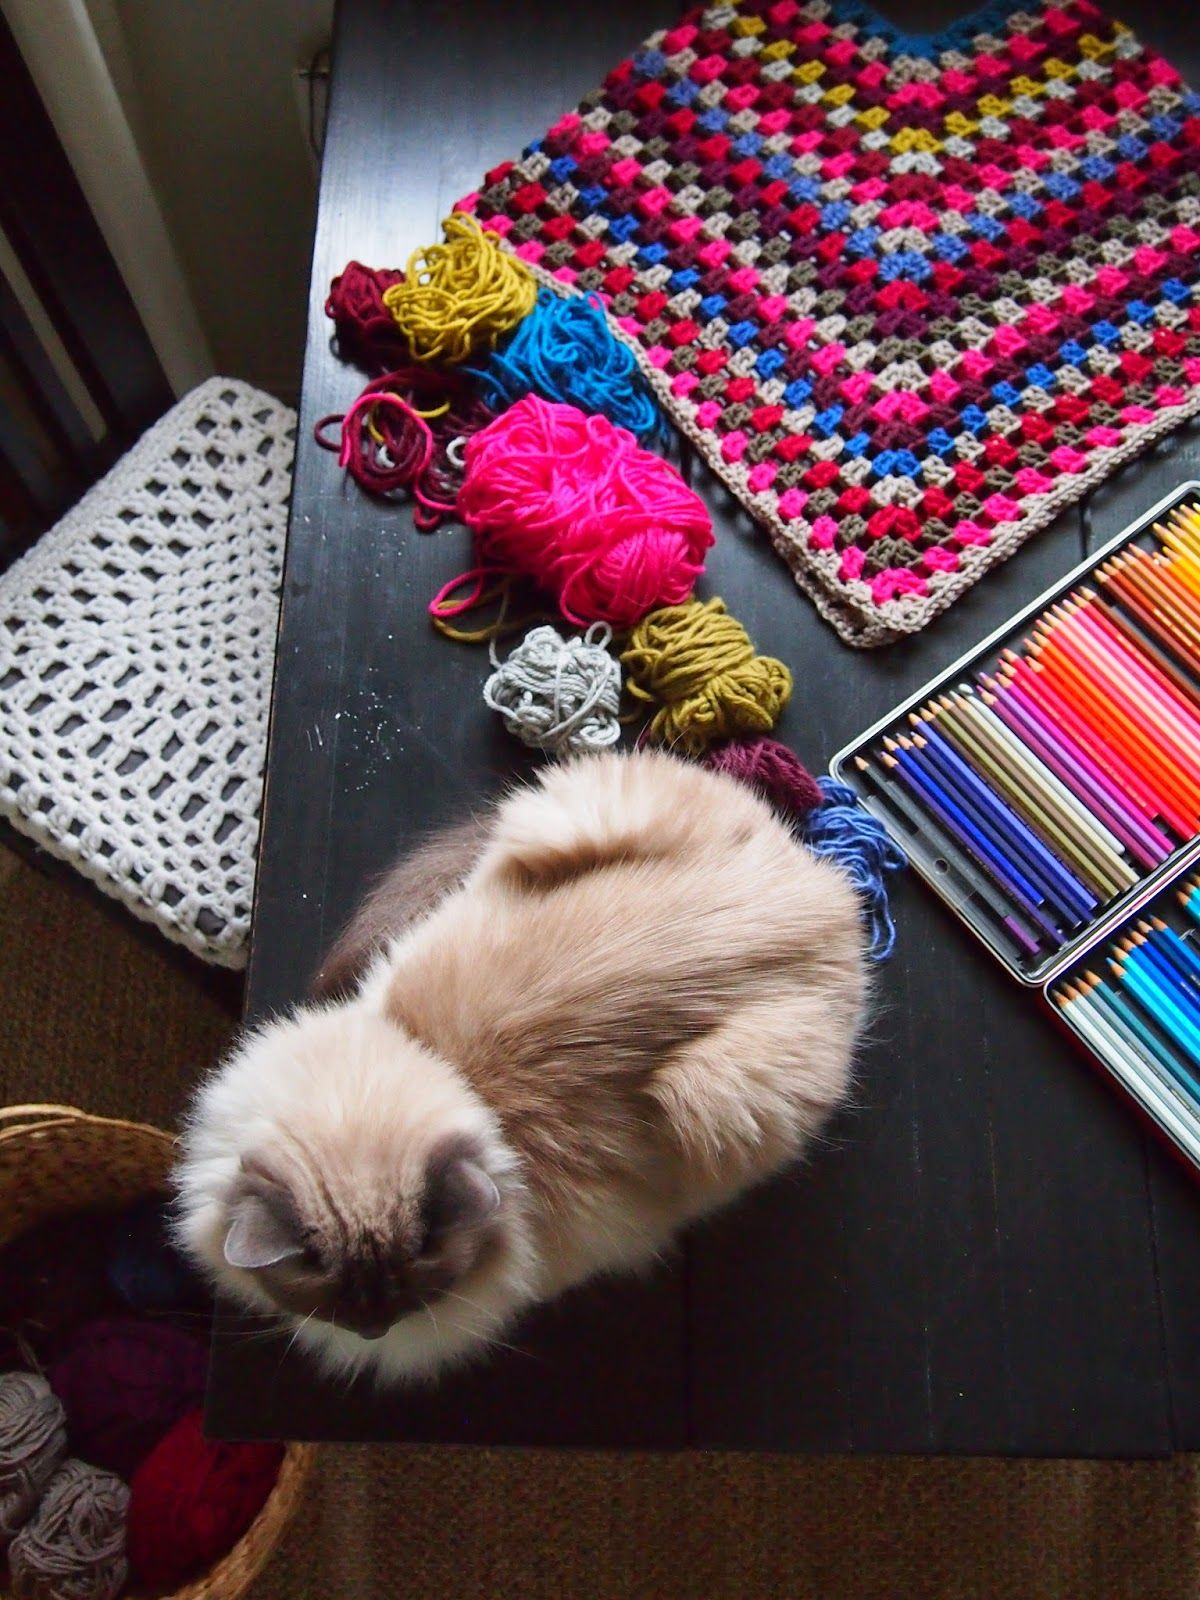 VMSomⒶ KOPPA: crochet